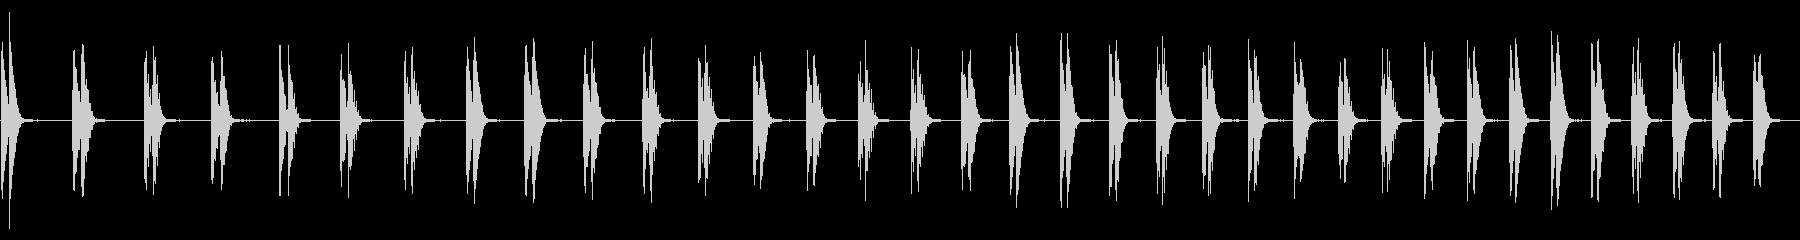 BEAT SPEEDS UP、HU...の未再生の波形